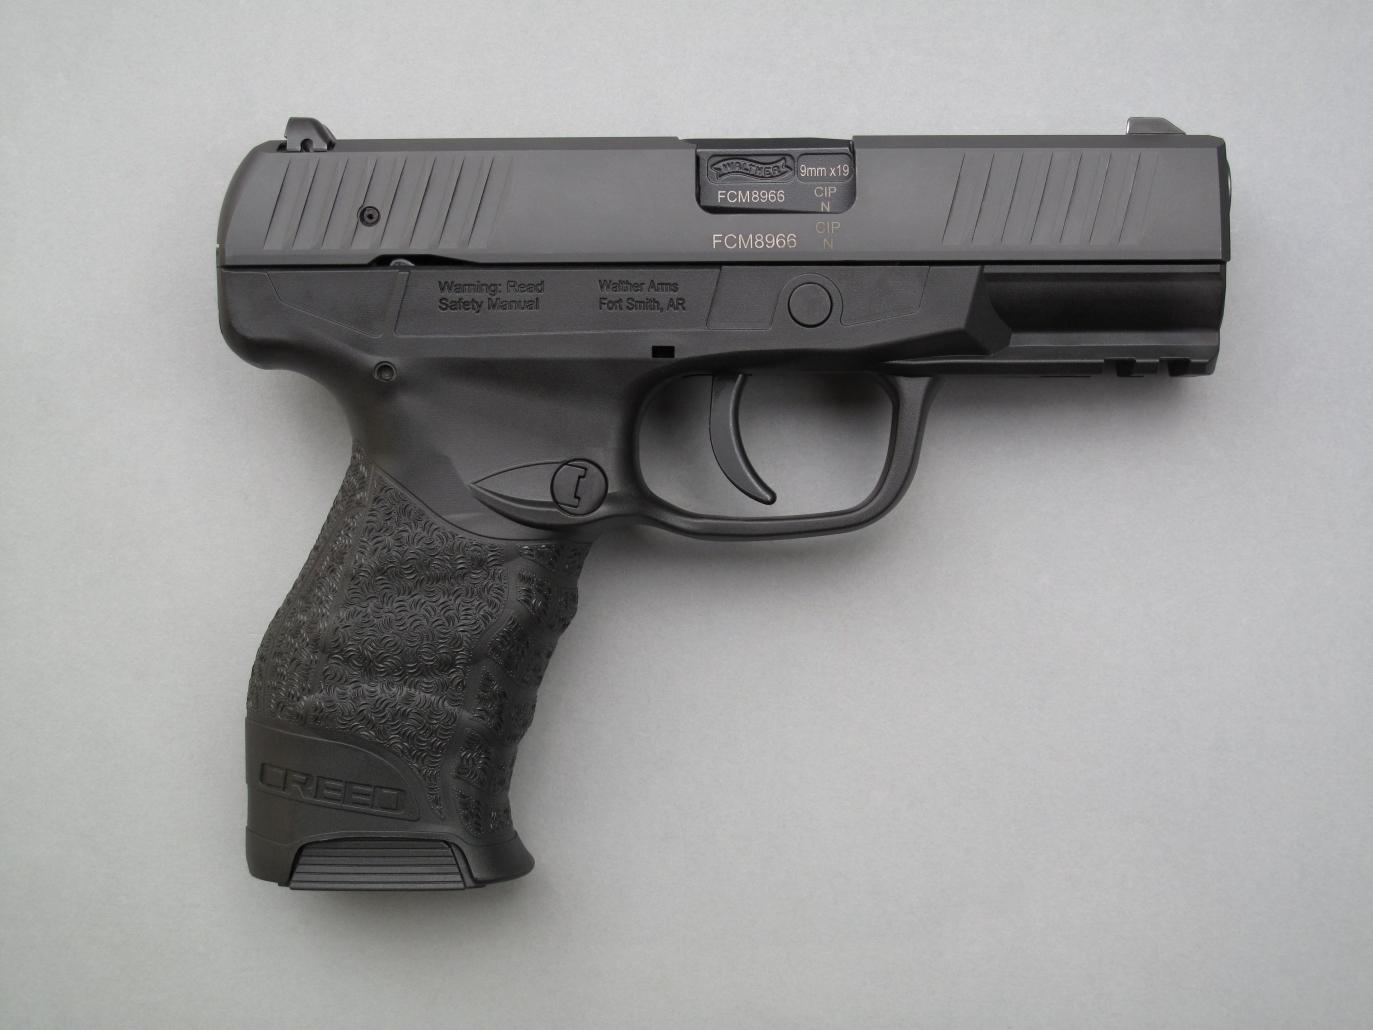 Le Walther Creed est un pistolet semi-automatique chambré en calibre 9 mm Parabellum qui fonctionne au moyen d'une platine DAO (Double Action Obligatoire) actionnant un petit marteau dont l'armement se révèle léger comme une plume.